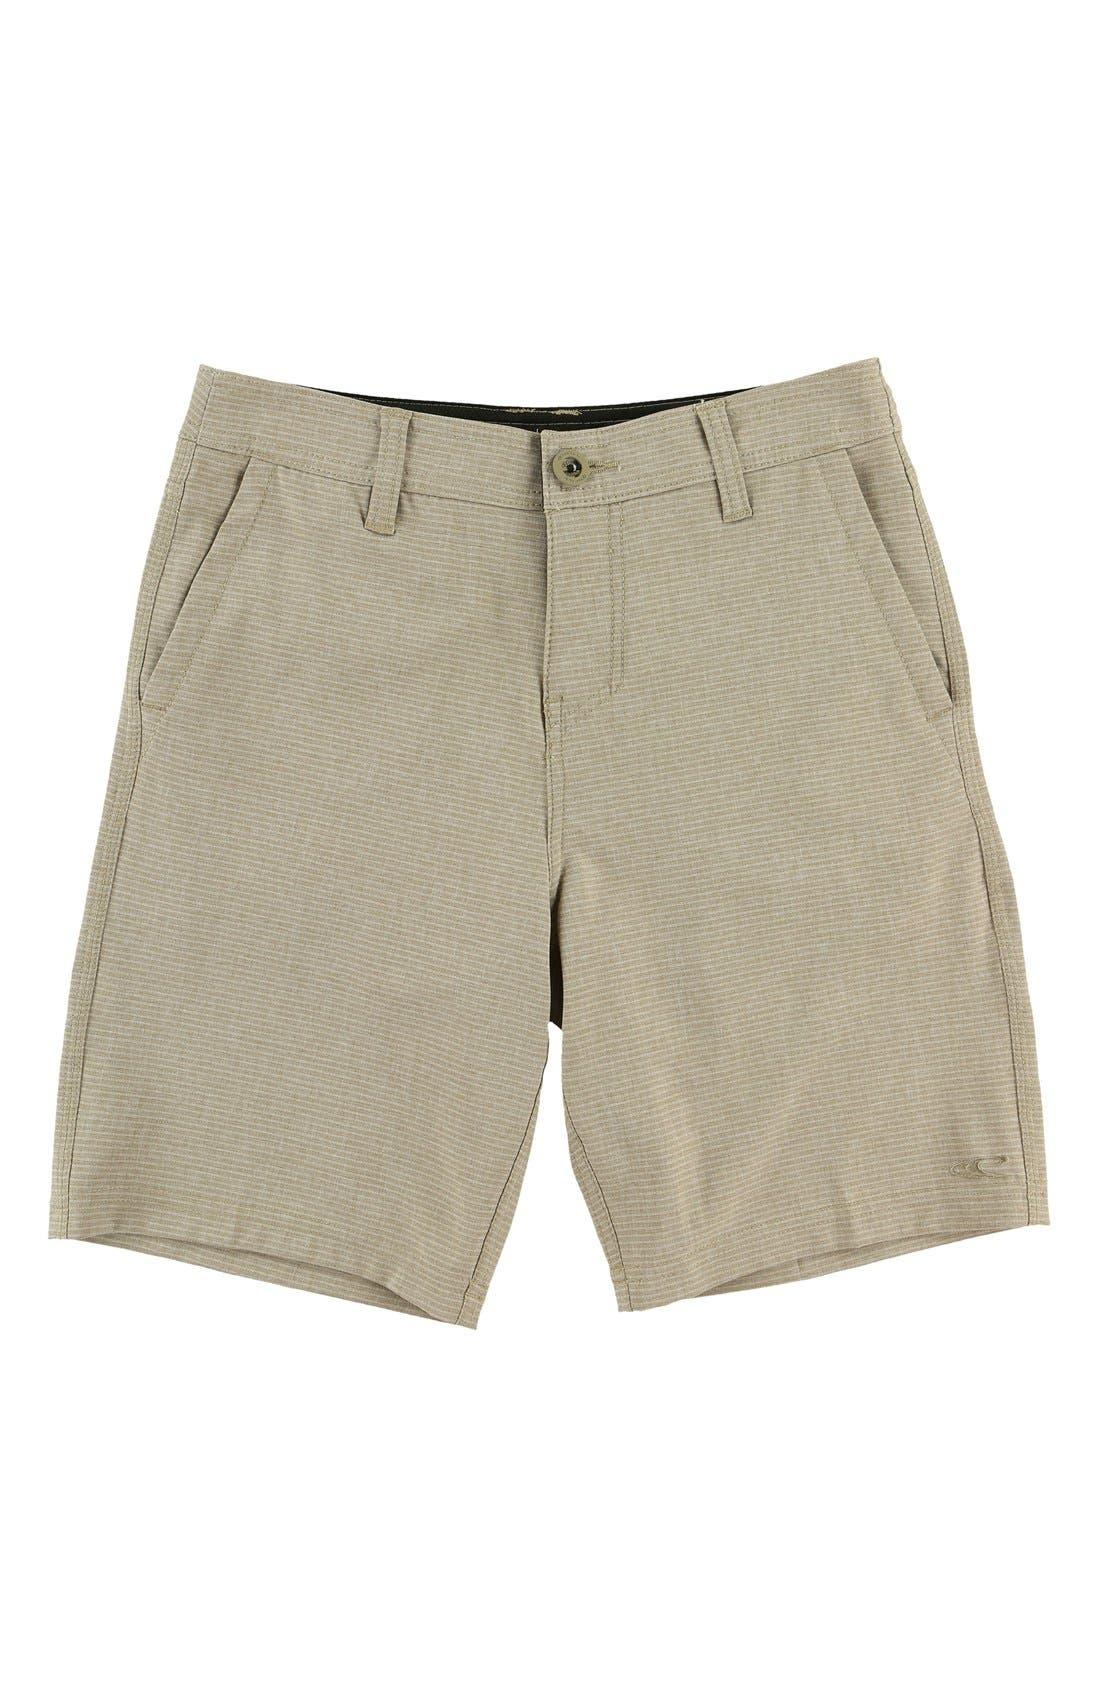 O'Neill Locked Stripe Hybrid Board Shorts (Big Boys)